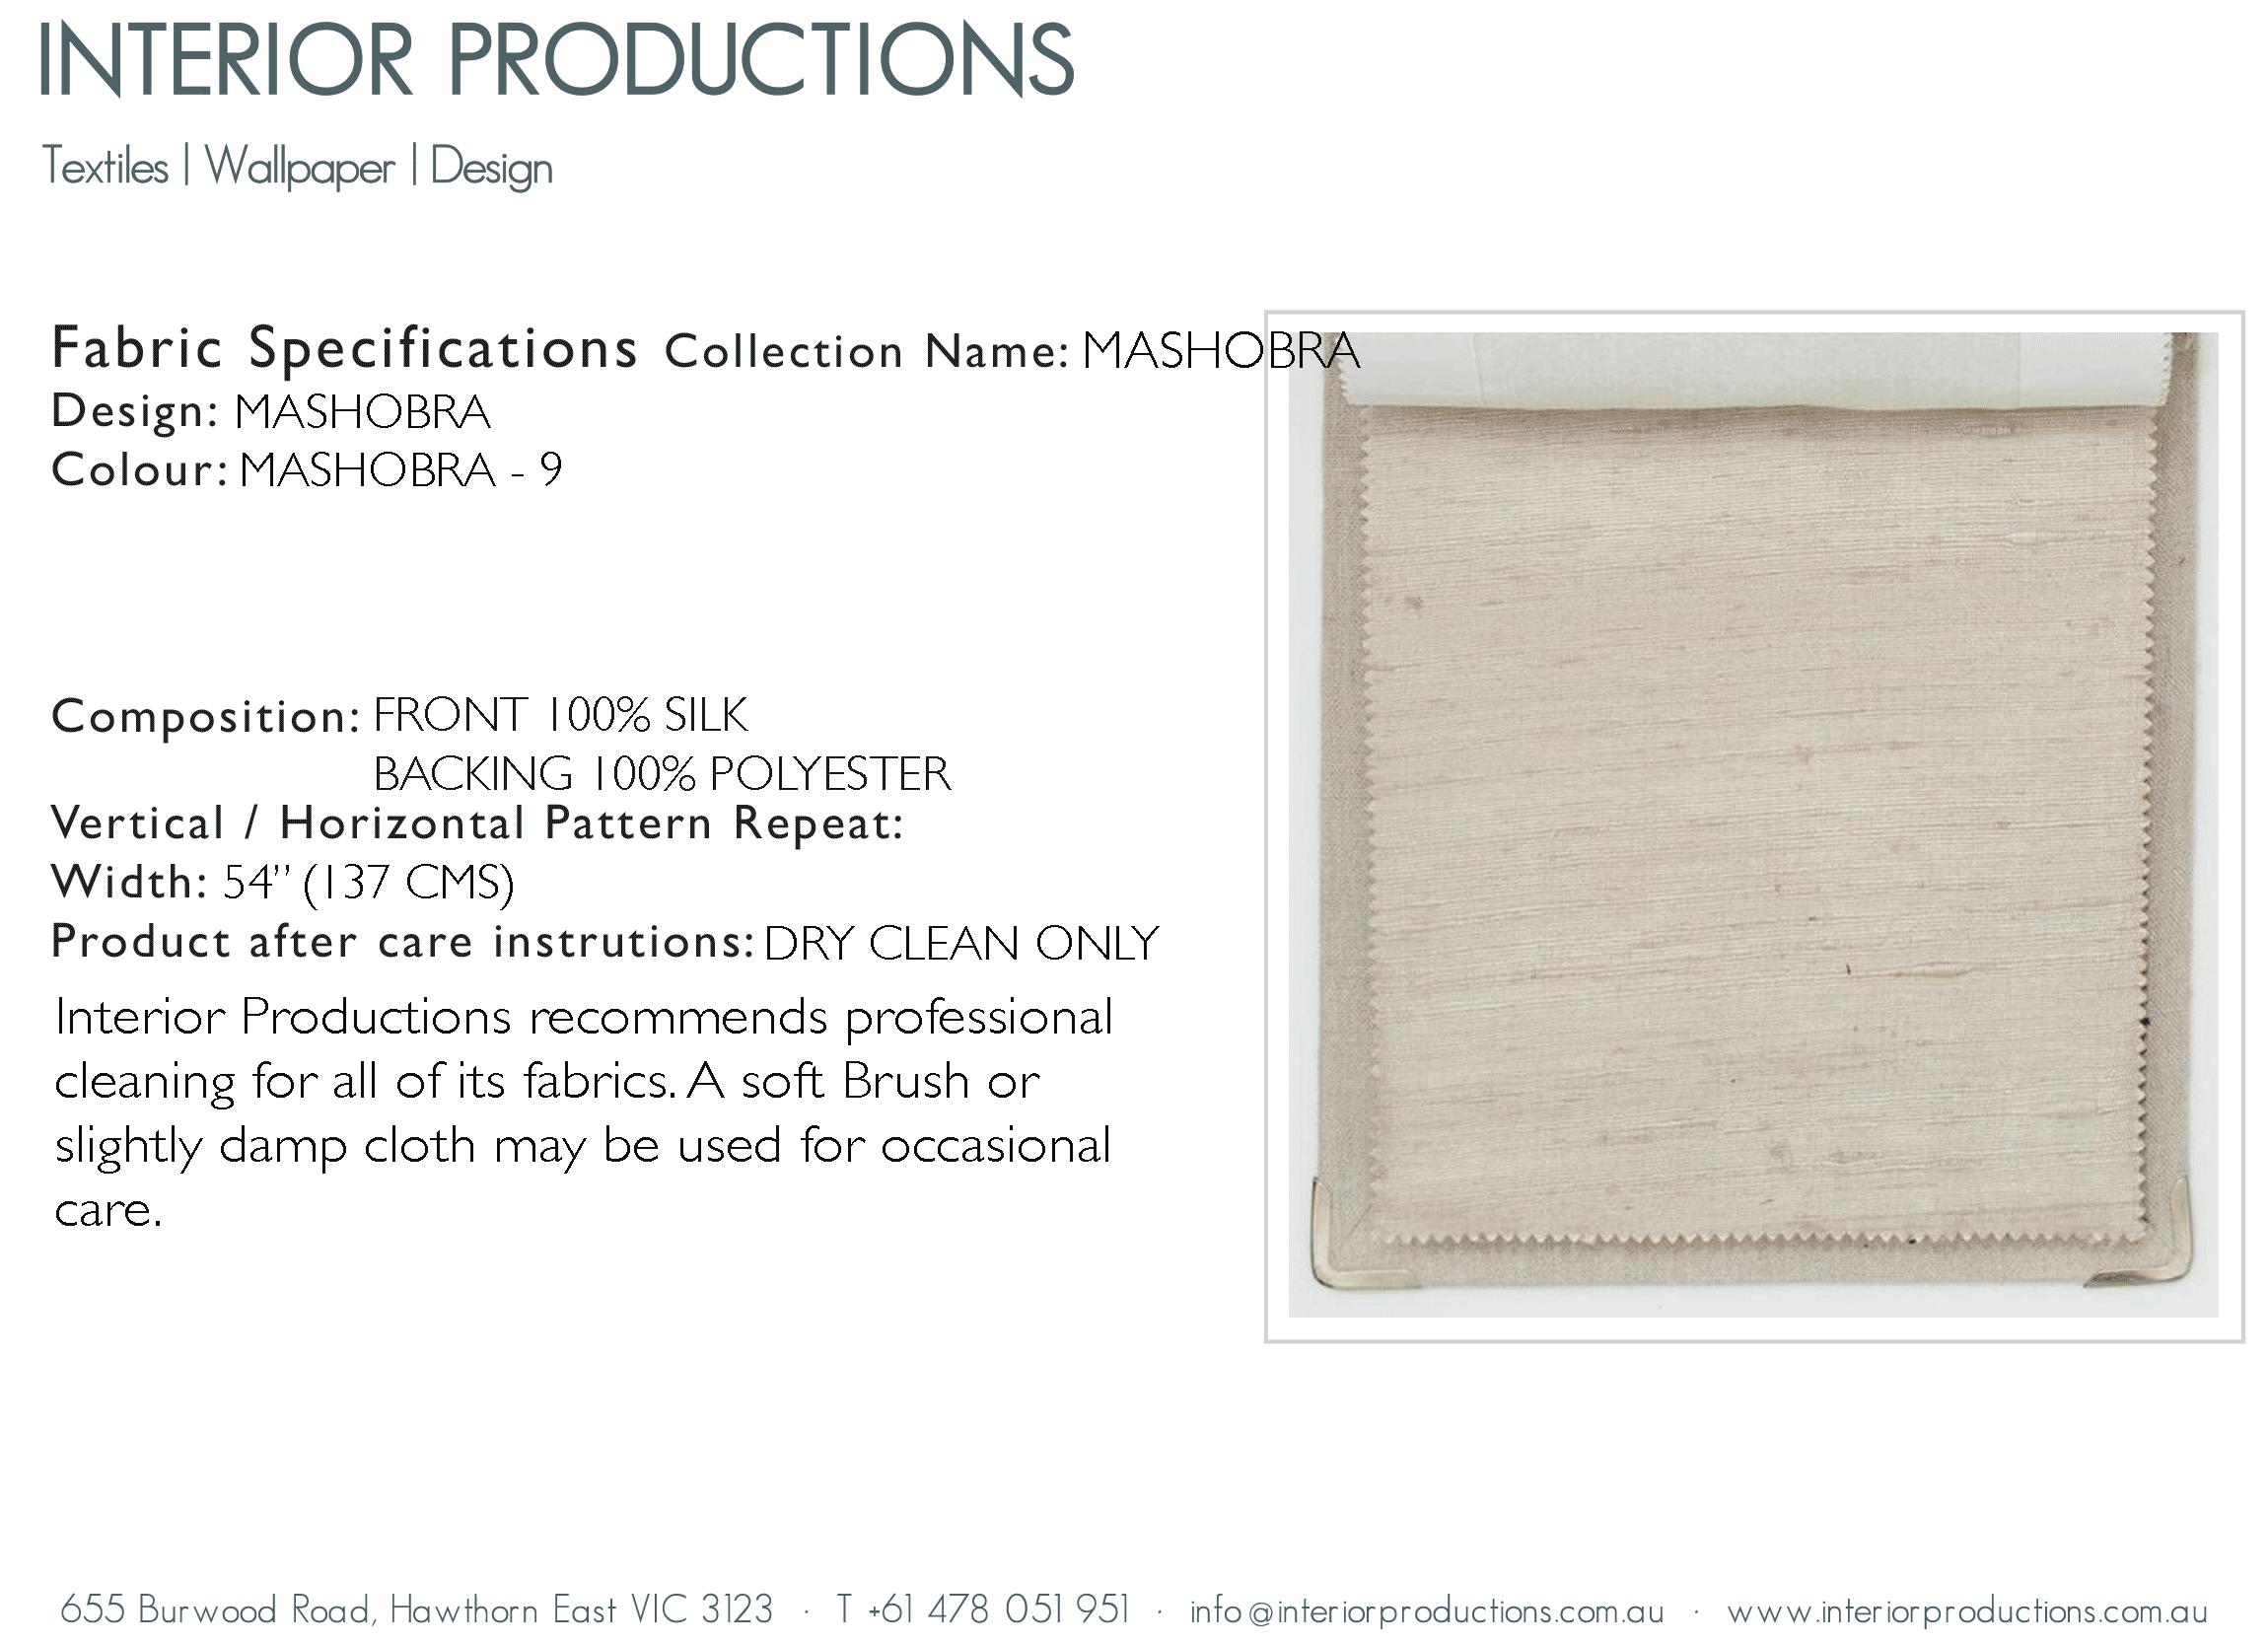 interior_productions_MASHOBRA---MASHOBRA-9